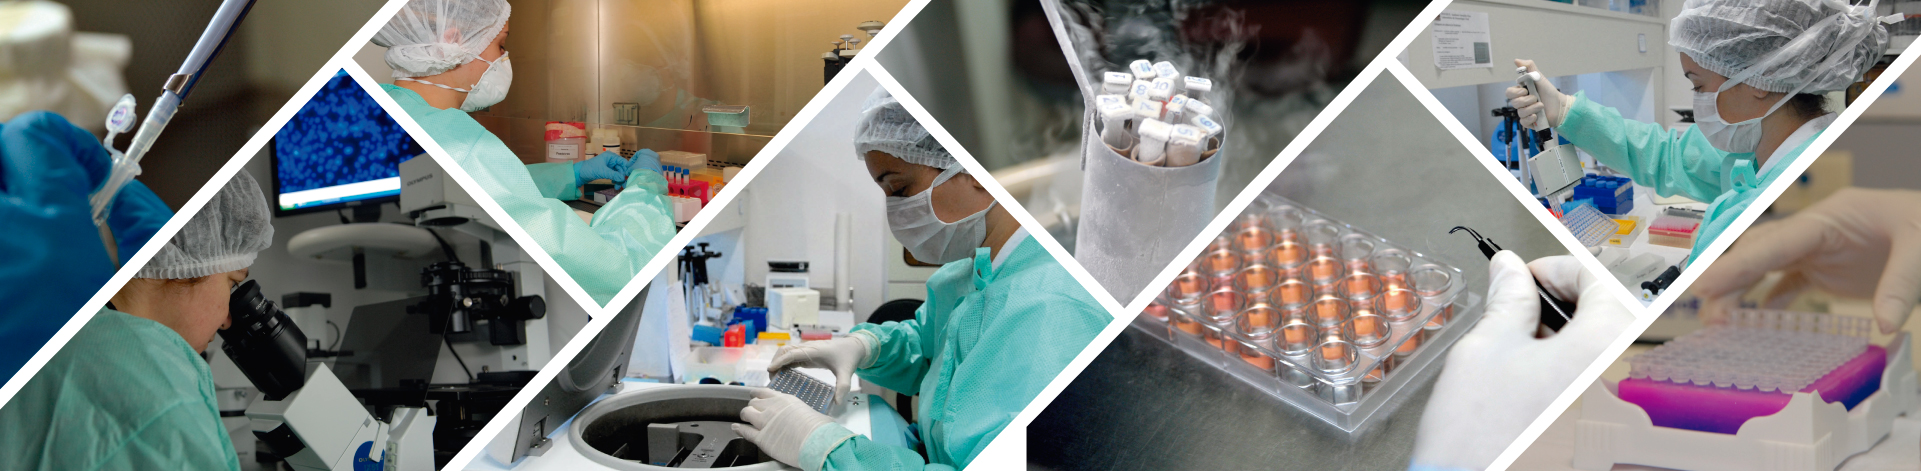 Curso de Biossegurança Laboratorial e Coleções Científicas